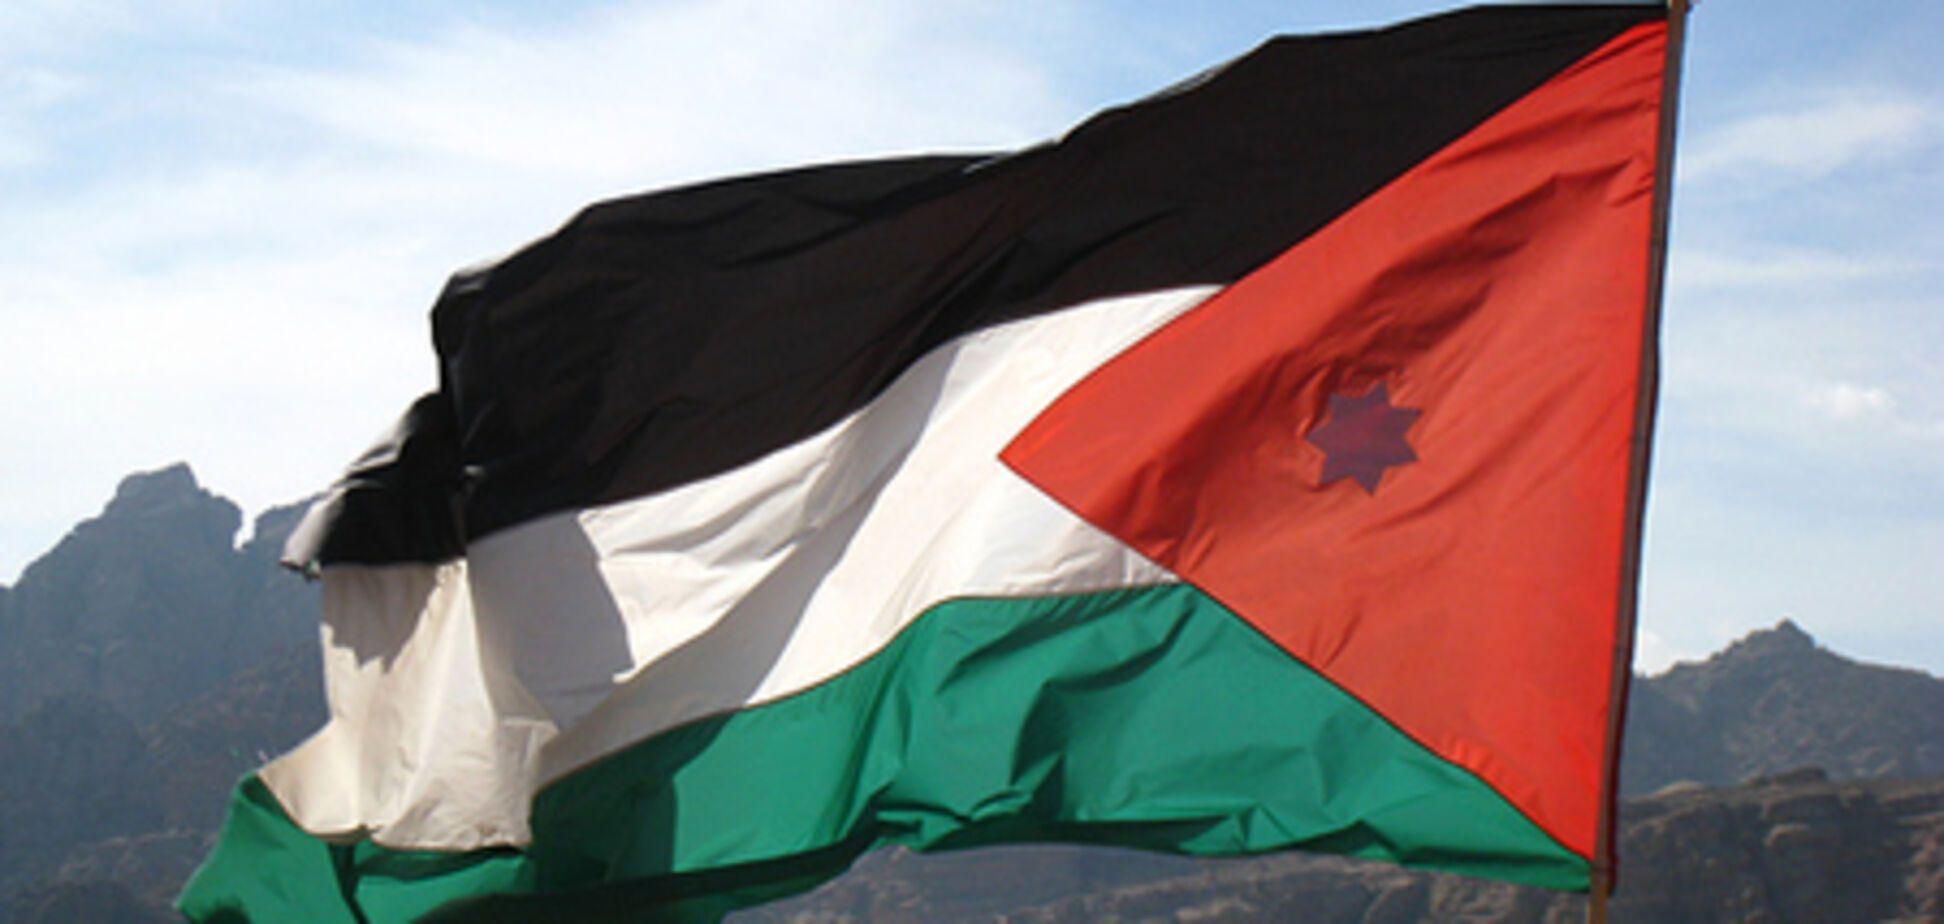 Йорданія за прикладом Тунісу вимагає відставки уряду